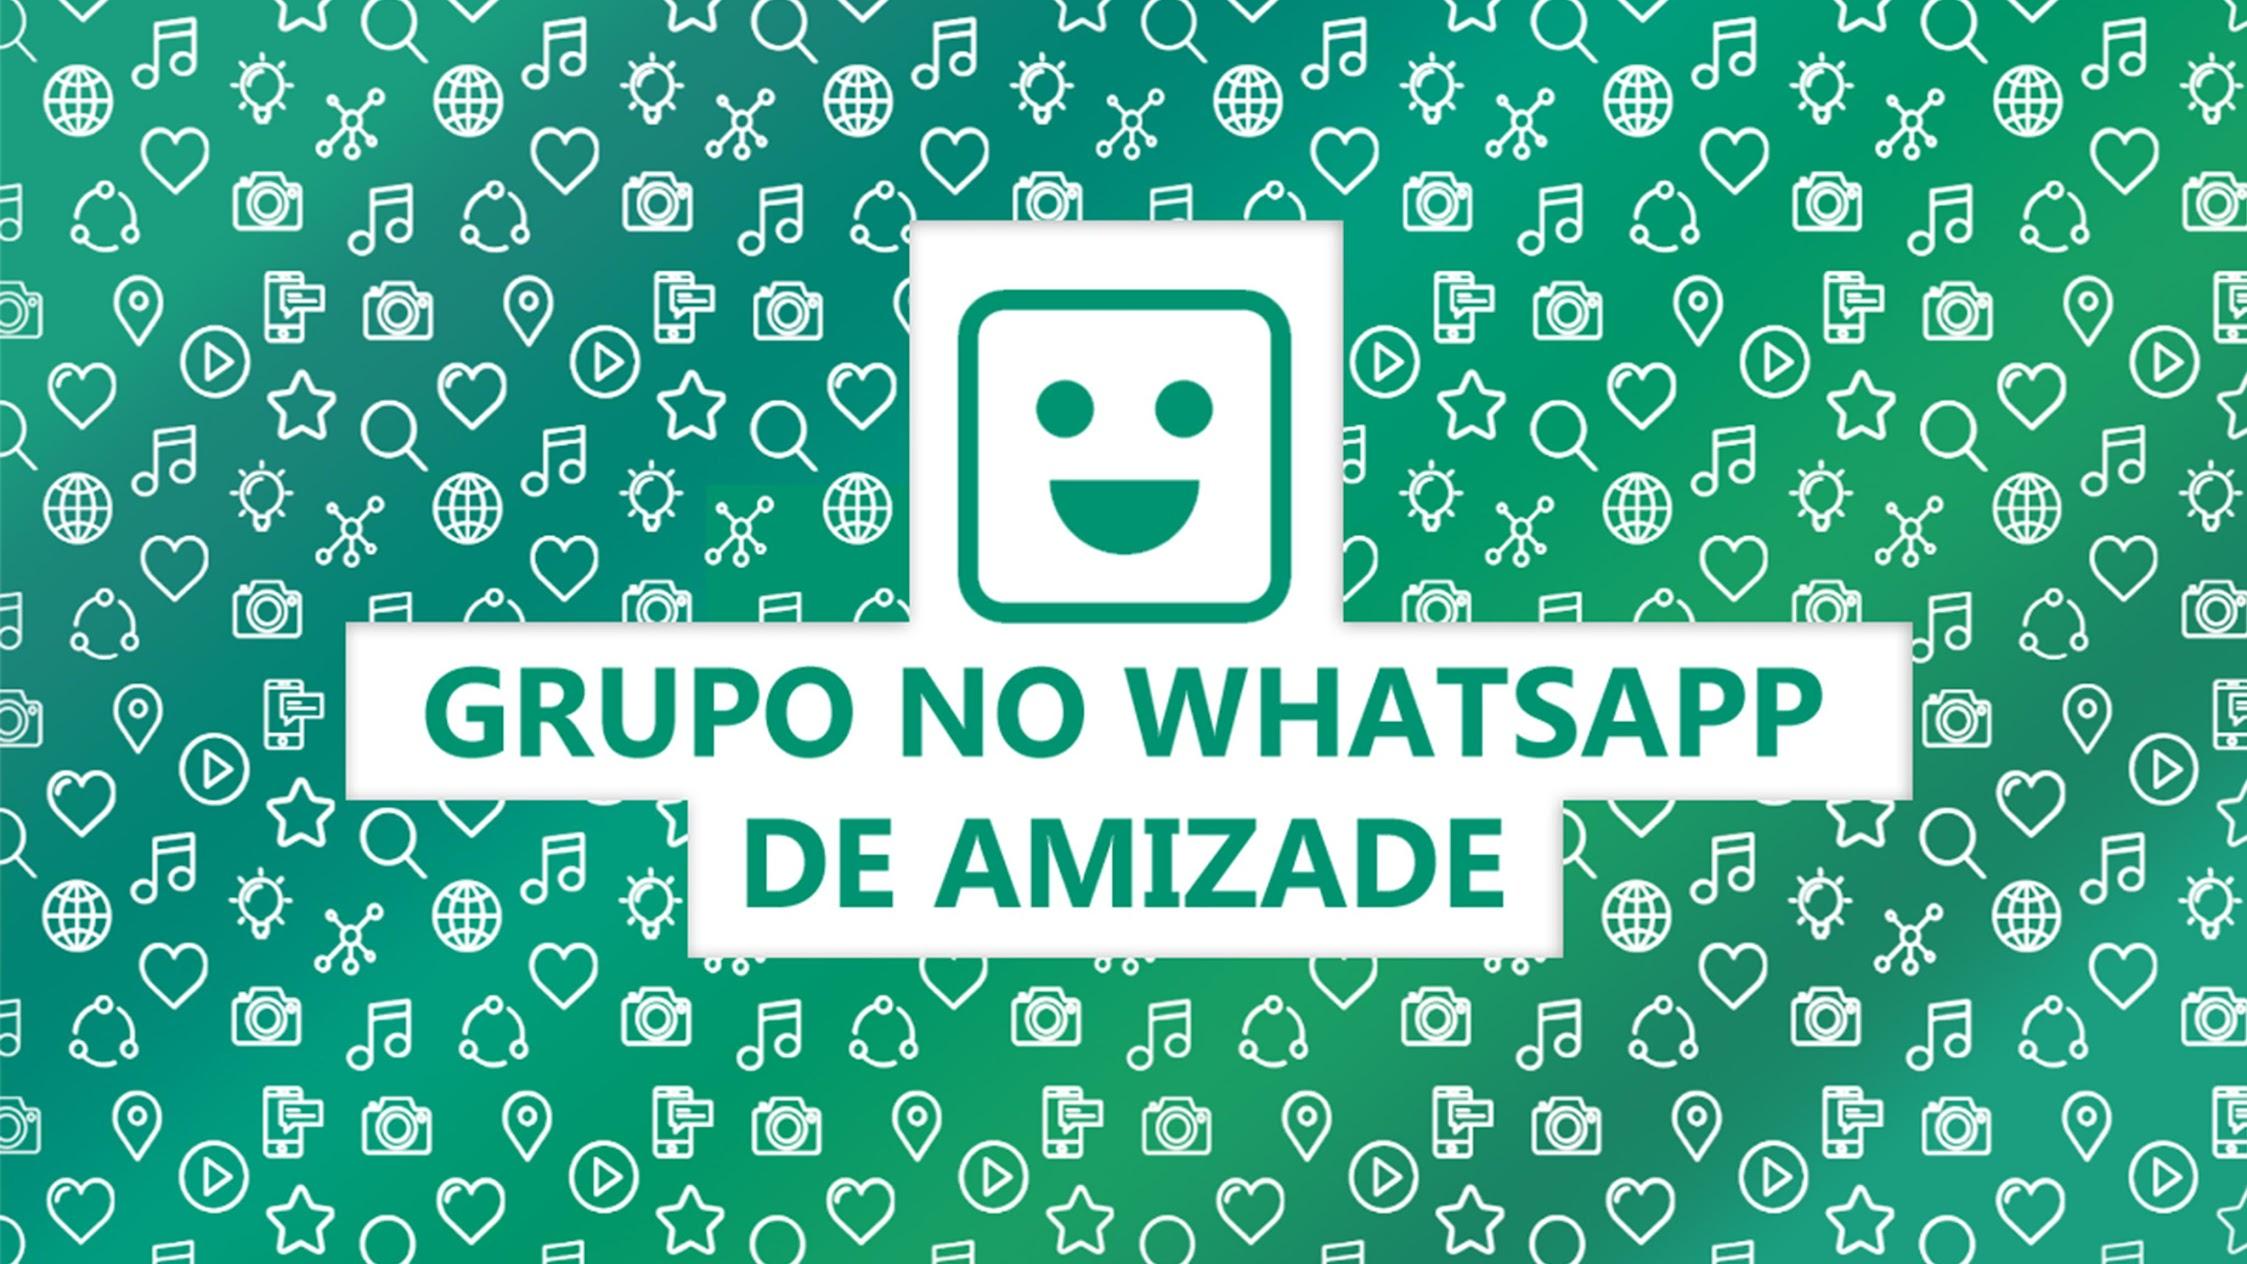 LinkGrupos.com.br